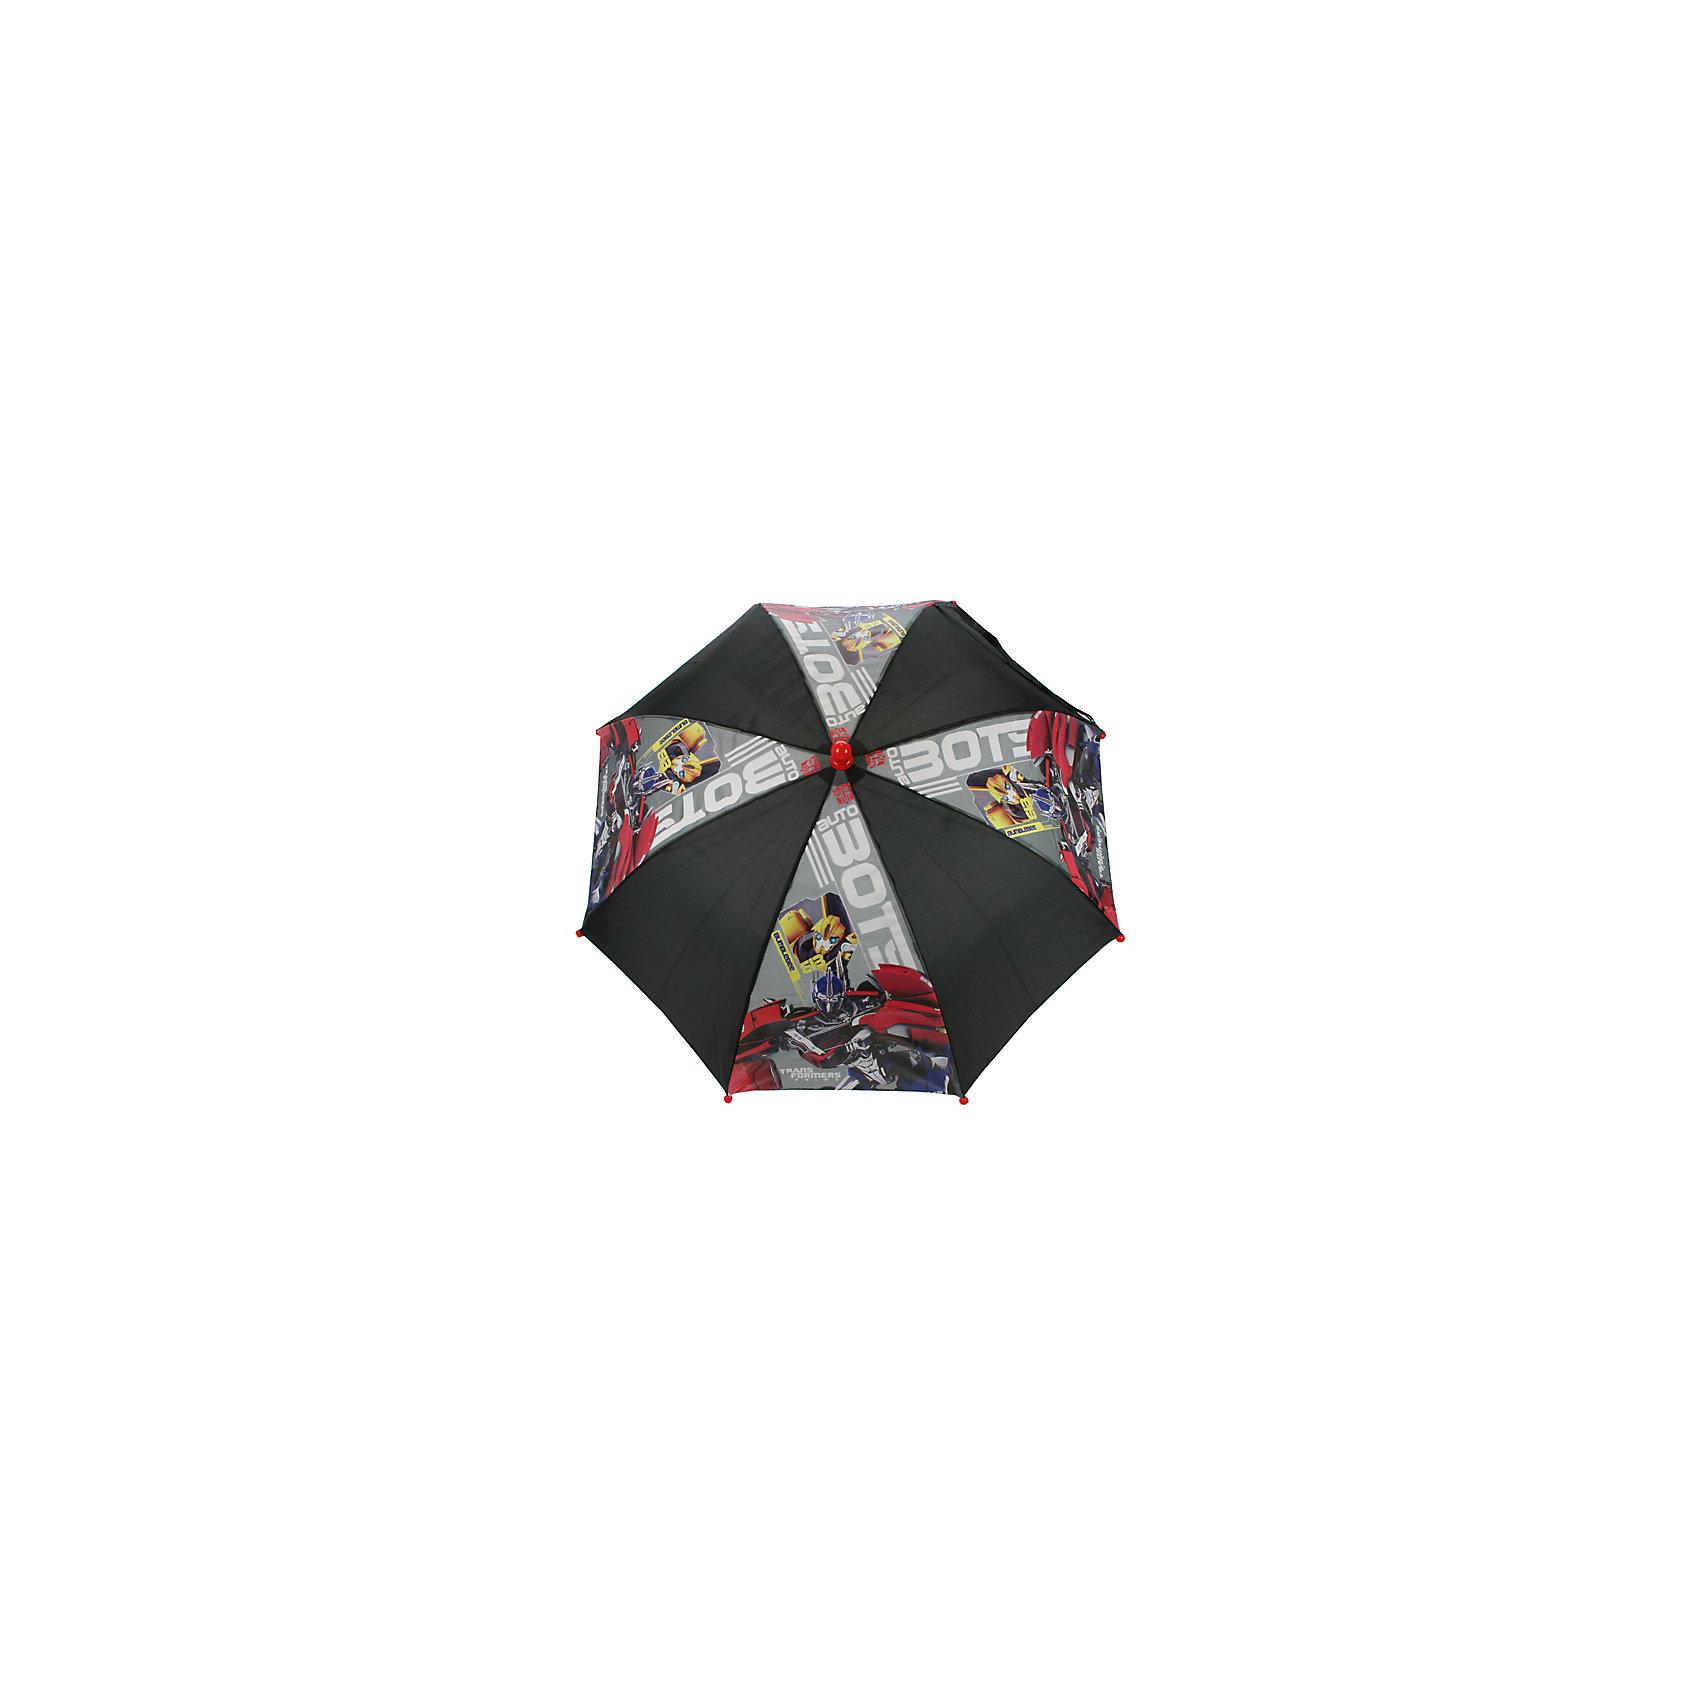 Зонт-трость, ТрансформерыЗонты детские<br>Зонт-трость, Трансформеры (Transformers) – этот яркий красочный зонтик с изображением Трасформеров обязательно понравится вашему ребенку.<br>Компактный детский зонтик-трость станет замечательным подарком для Вашего чада и защитит его не только от дождя, но и от солнца. Красочный дизайн зонтика поднимет настроение и станет незаменимым атрибутом прогулки. Ребенок сможет сам открывать и закрывать зонтик, благодаря легкому механизму, а оригинальная расцветка зонтика привлечет к себе внимание.<br><br>Дополнительная информация:<br><br>- Диаметр купола: 68 см.<br>- Длина в сложенном виде: 57 см.<br>- Количество спиц: 8 шт.<br>- Тип механизма: механический (открывается и закрывается вручную)<br>- Конструкция зонта: зонт-трость<br>- Материал: пластик, полиэстер, металл<br>- Вес: 260 гр.<br>- Страна-изготовитель: Китай<br><br>Зонт-трость, Трансформеры (Transformers) можно купить в нашем интернет-магазине.<br><br>Ширина мм: 570<br>Глубина мм: 65<br>Высота мм: 50<br>Вес г: 260<br>Возраст от месяцев: 36<br>Возраст до месяцев: 108<br>Пол: Мужской<br>Возраст: Детский<br>SKU: 3667808